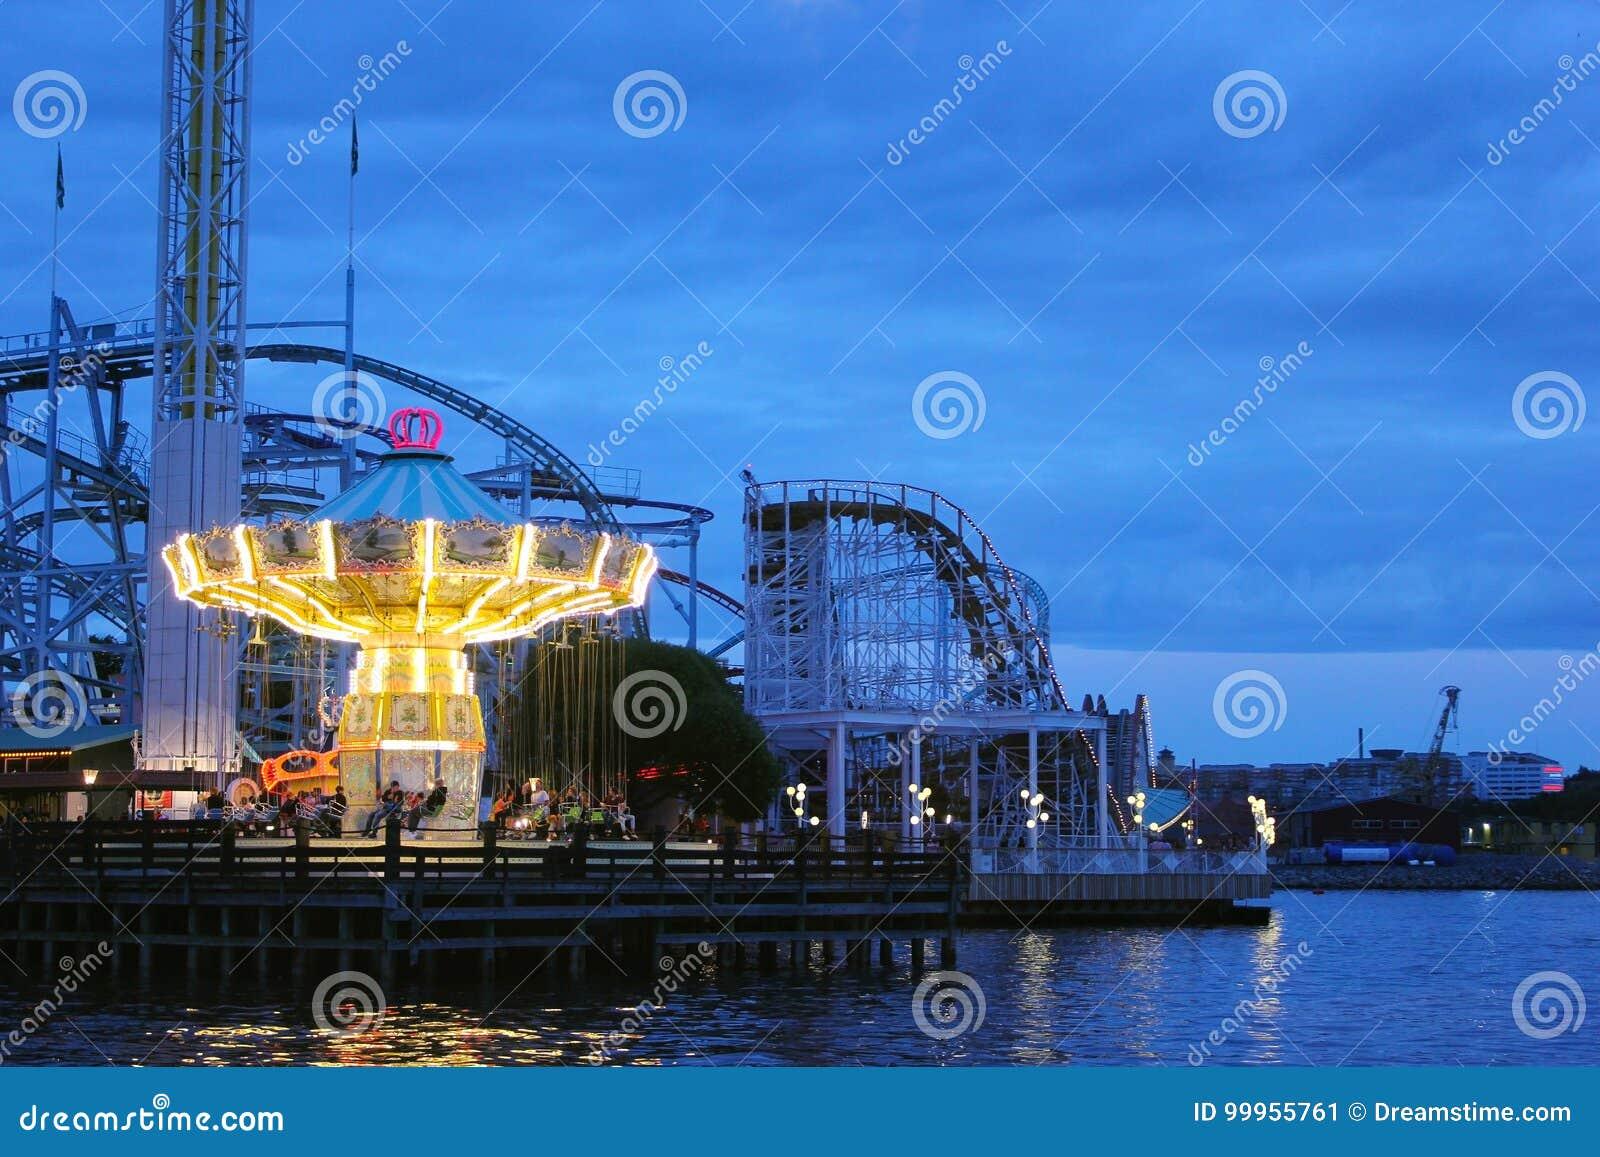 Feria en la noche en Estocolmo